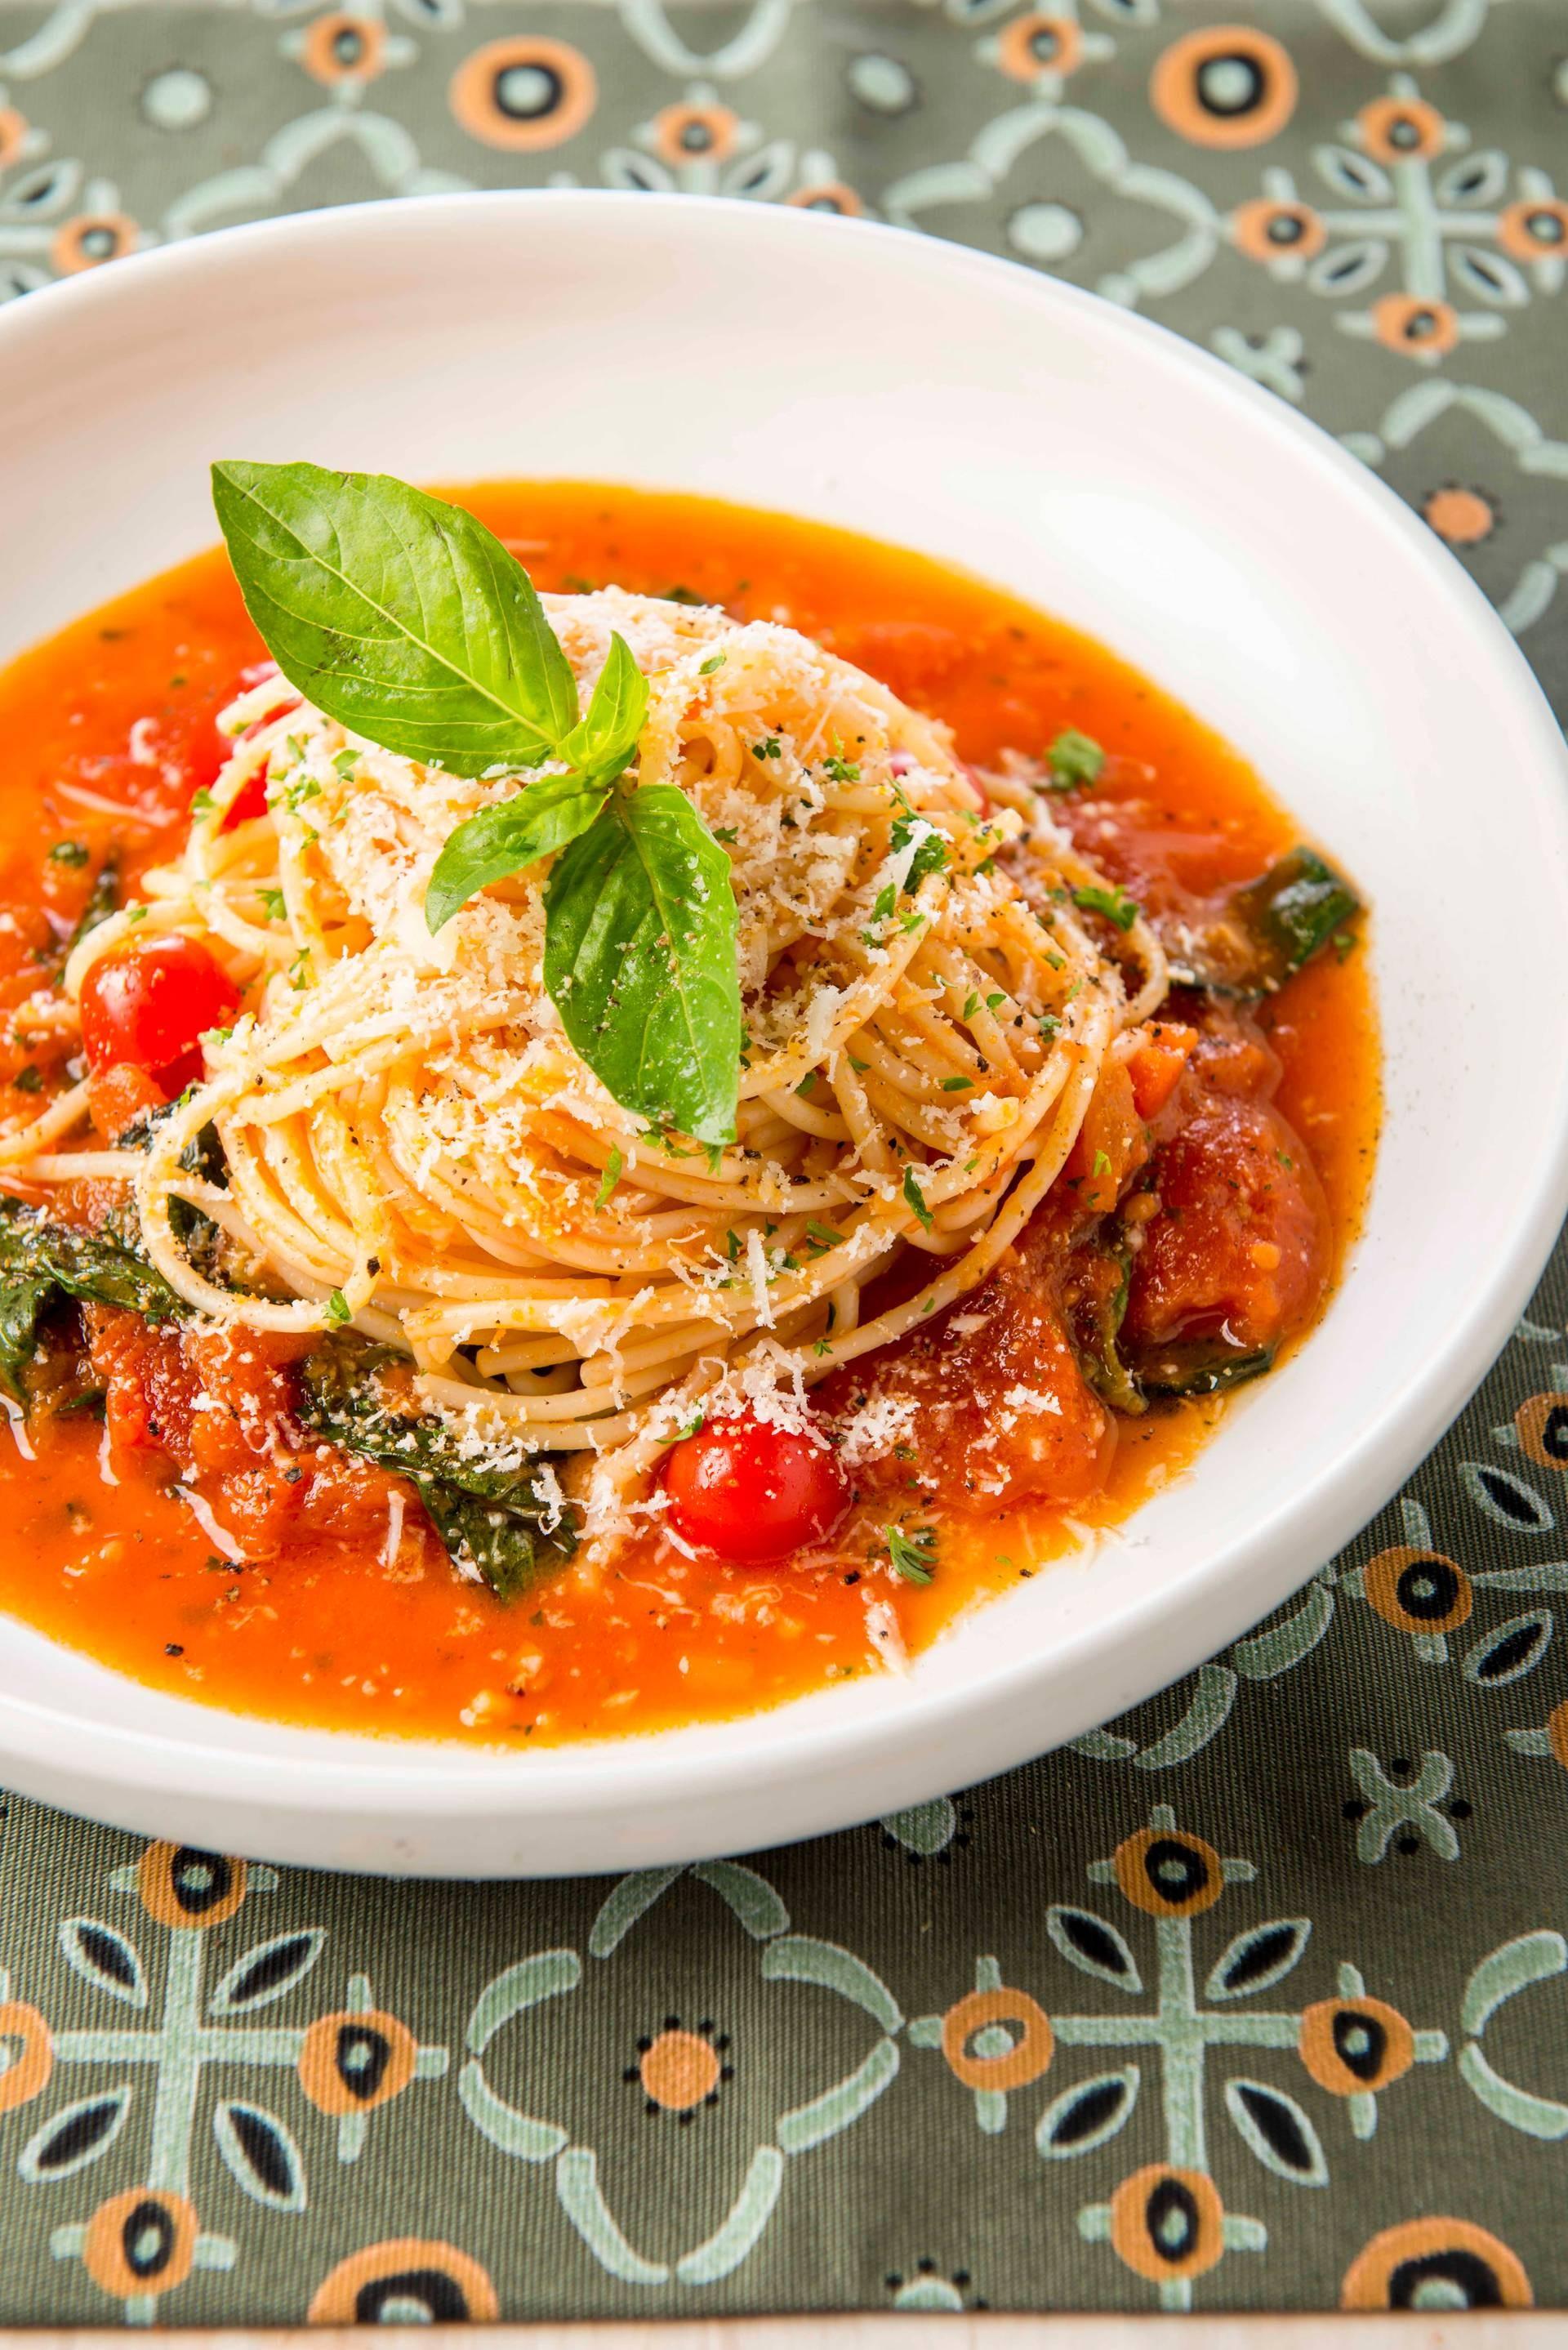 Spaghetti Factory Central Plaza Grand Rama 9